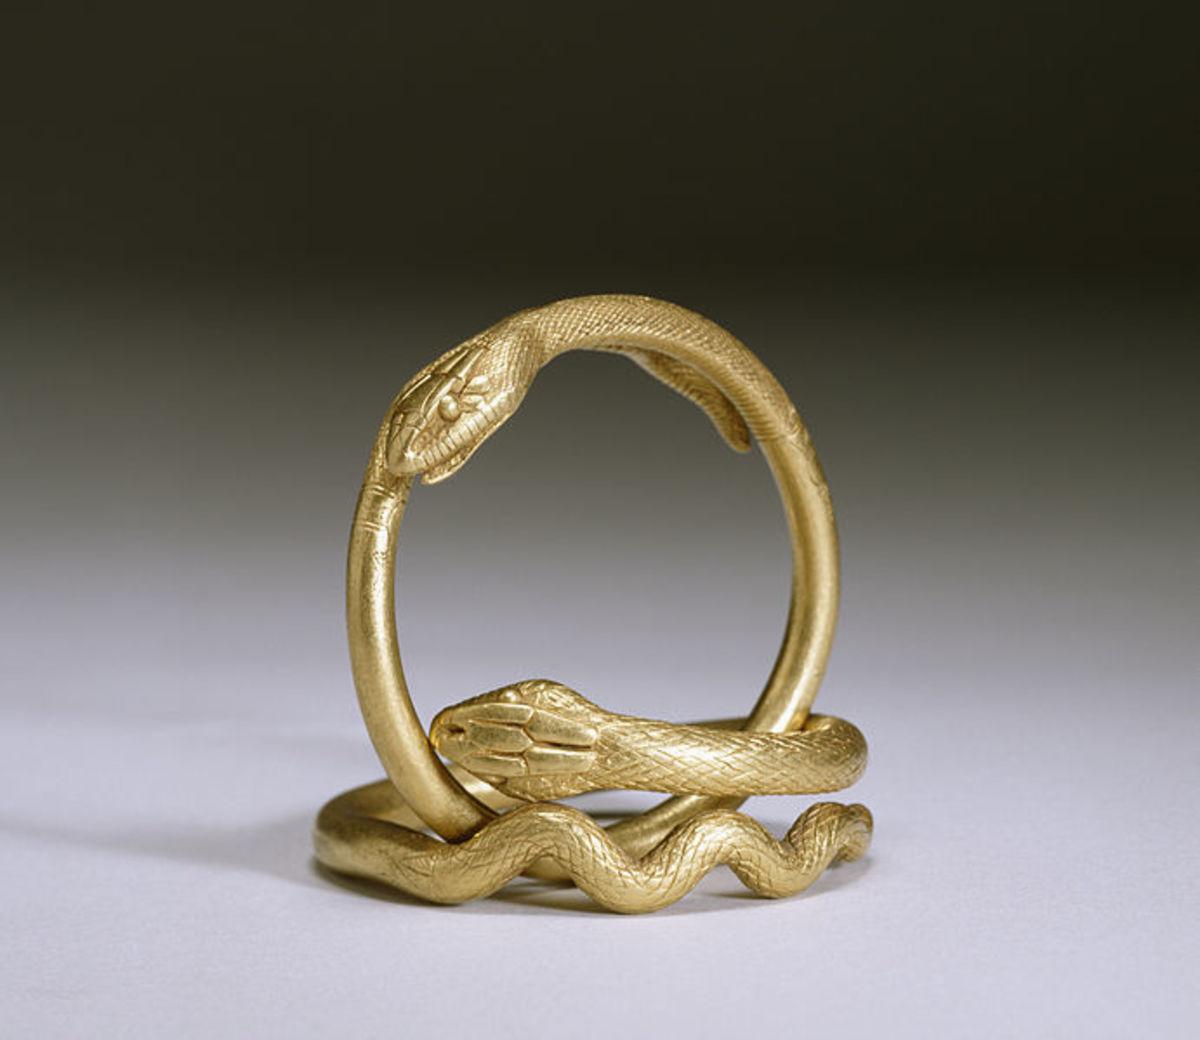 Ancient Roman snake bracelets